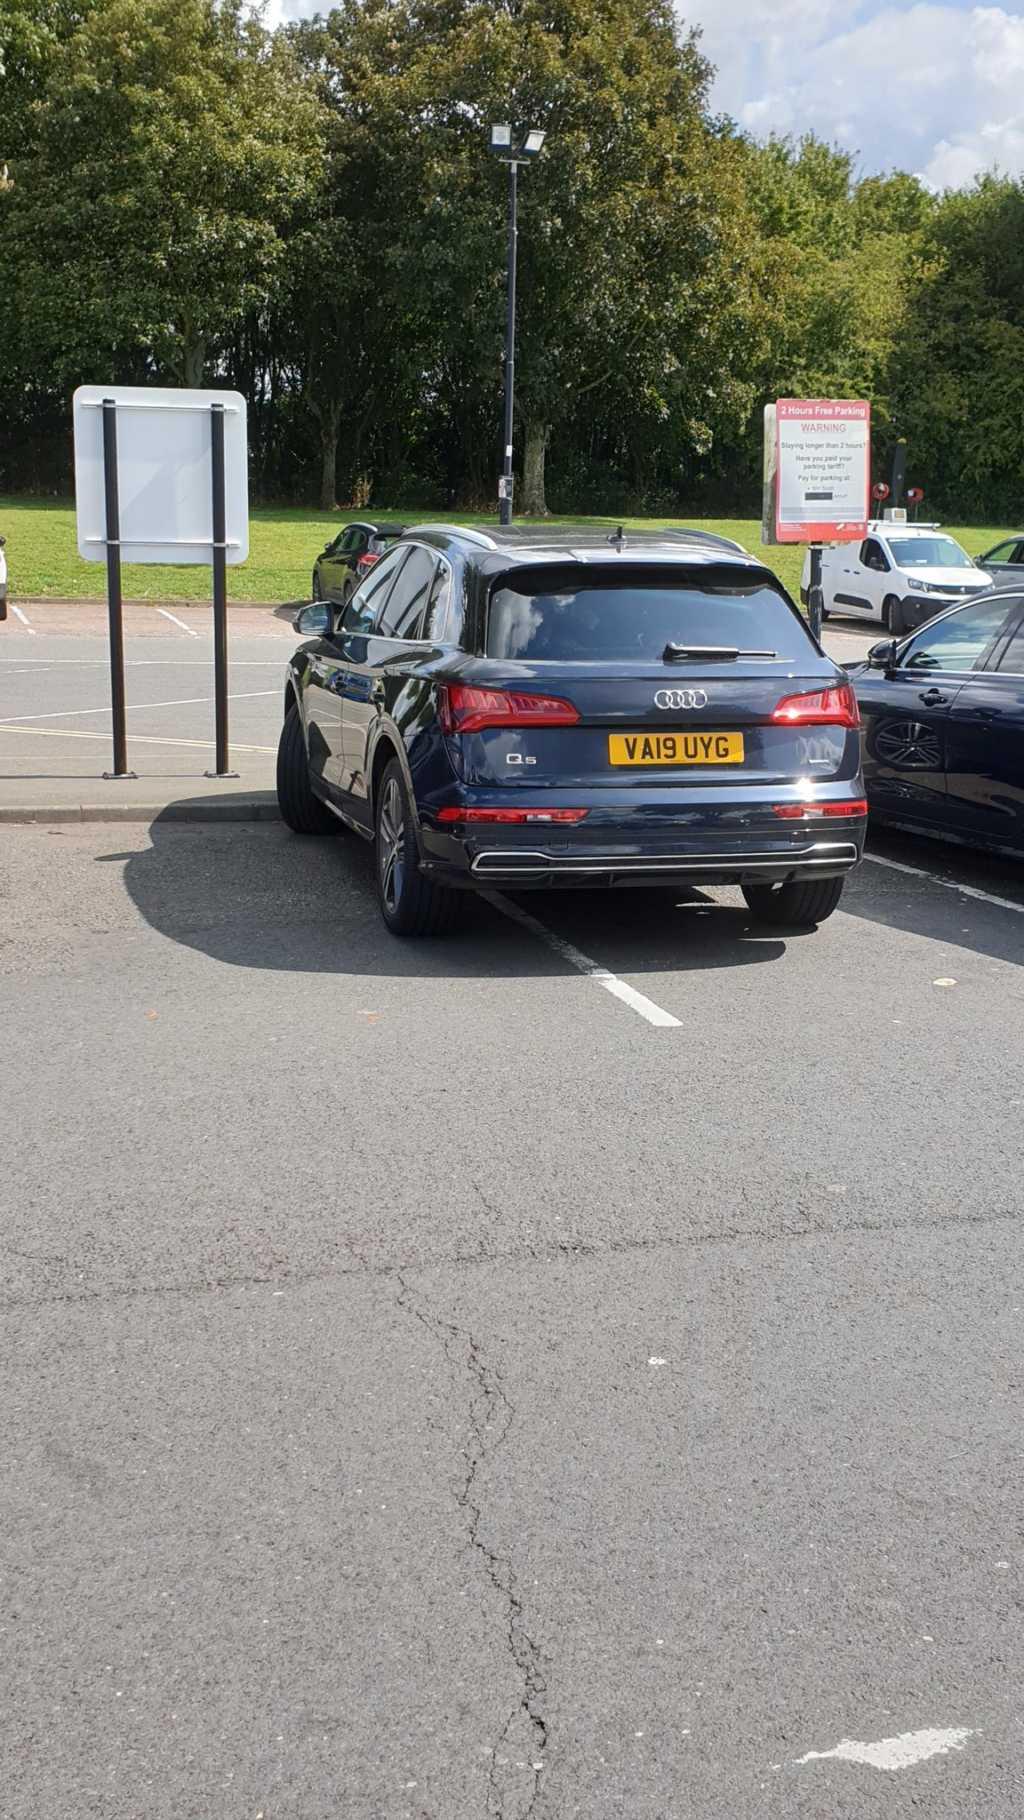 VA19 UYG displaying crap parking